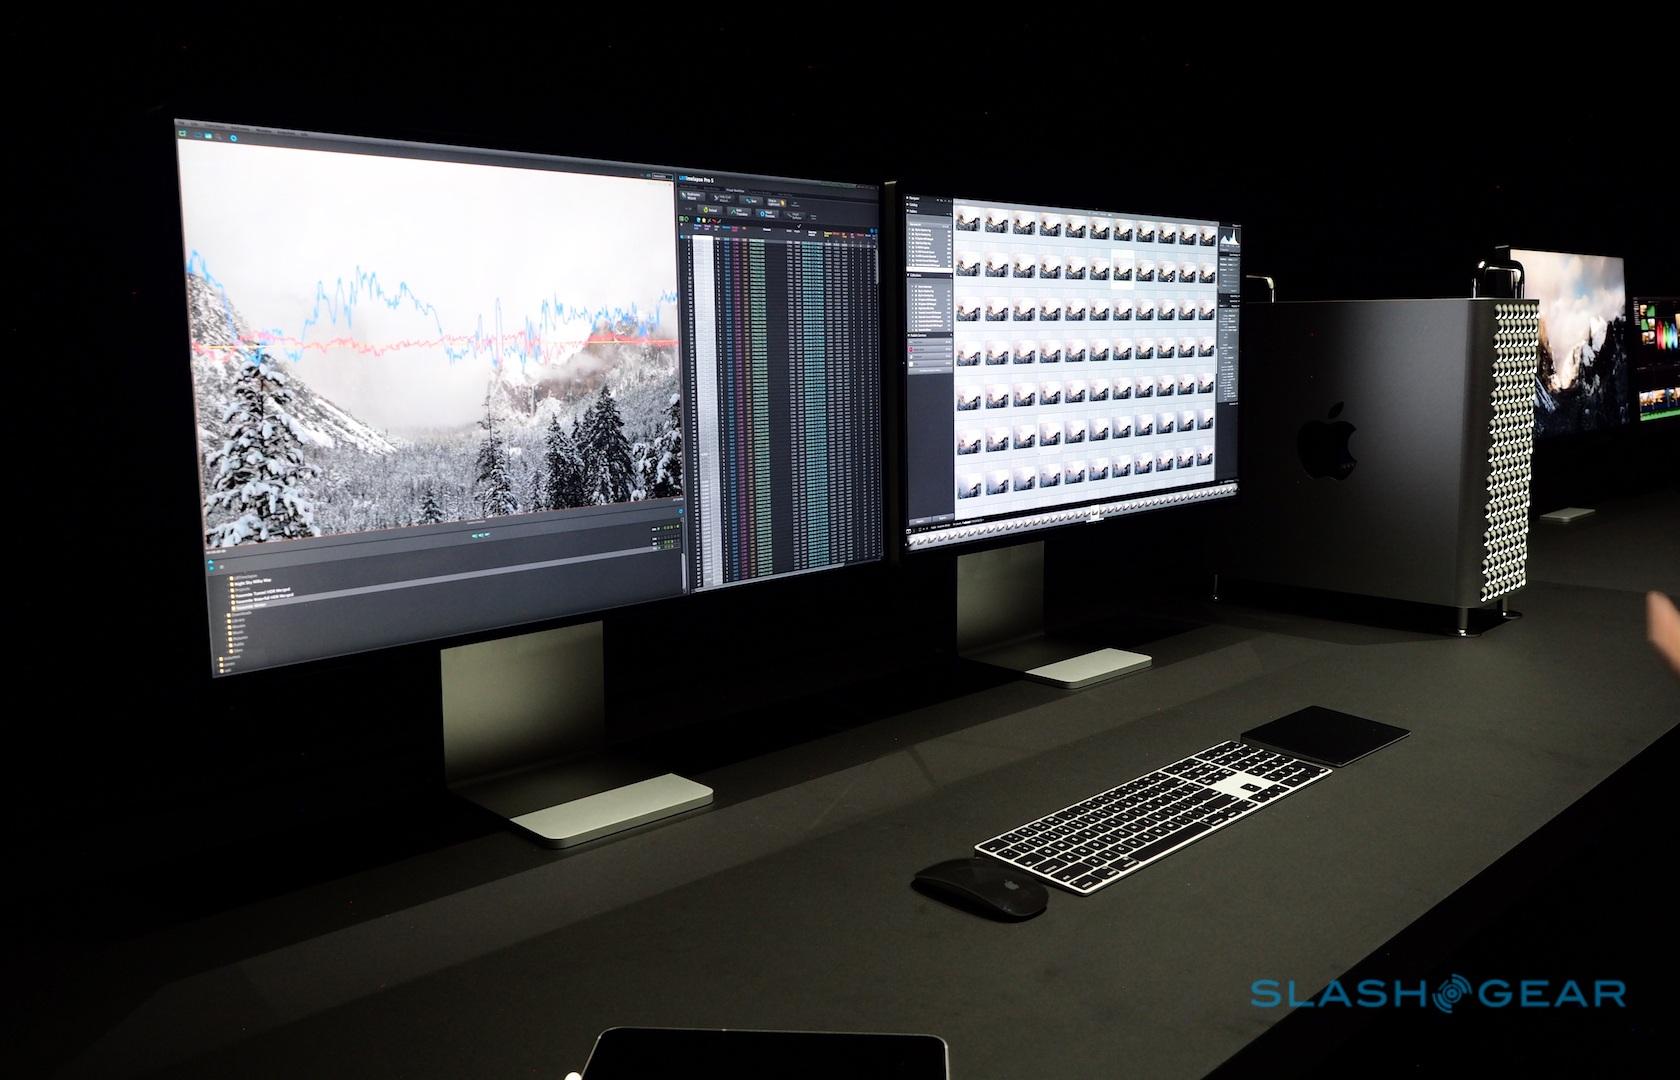 Apple Mac Pro (2019) Gallery - SlashGear